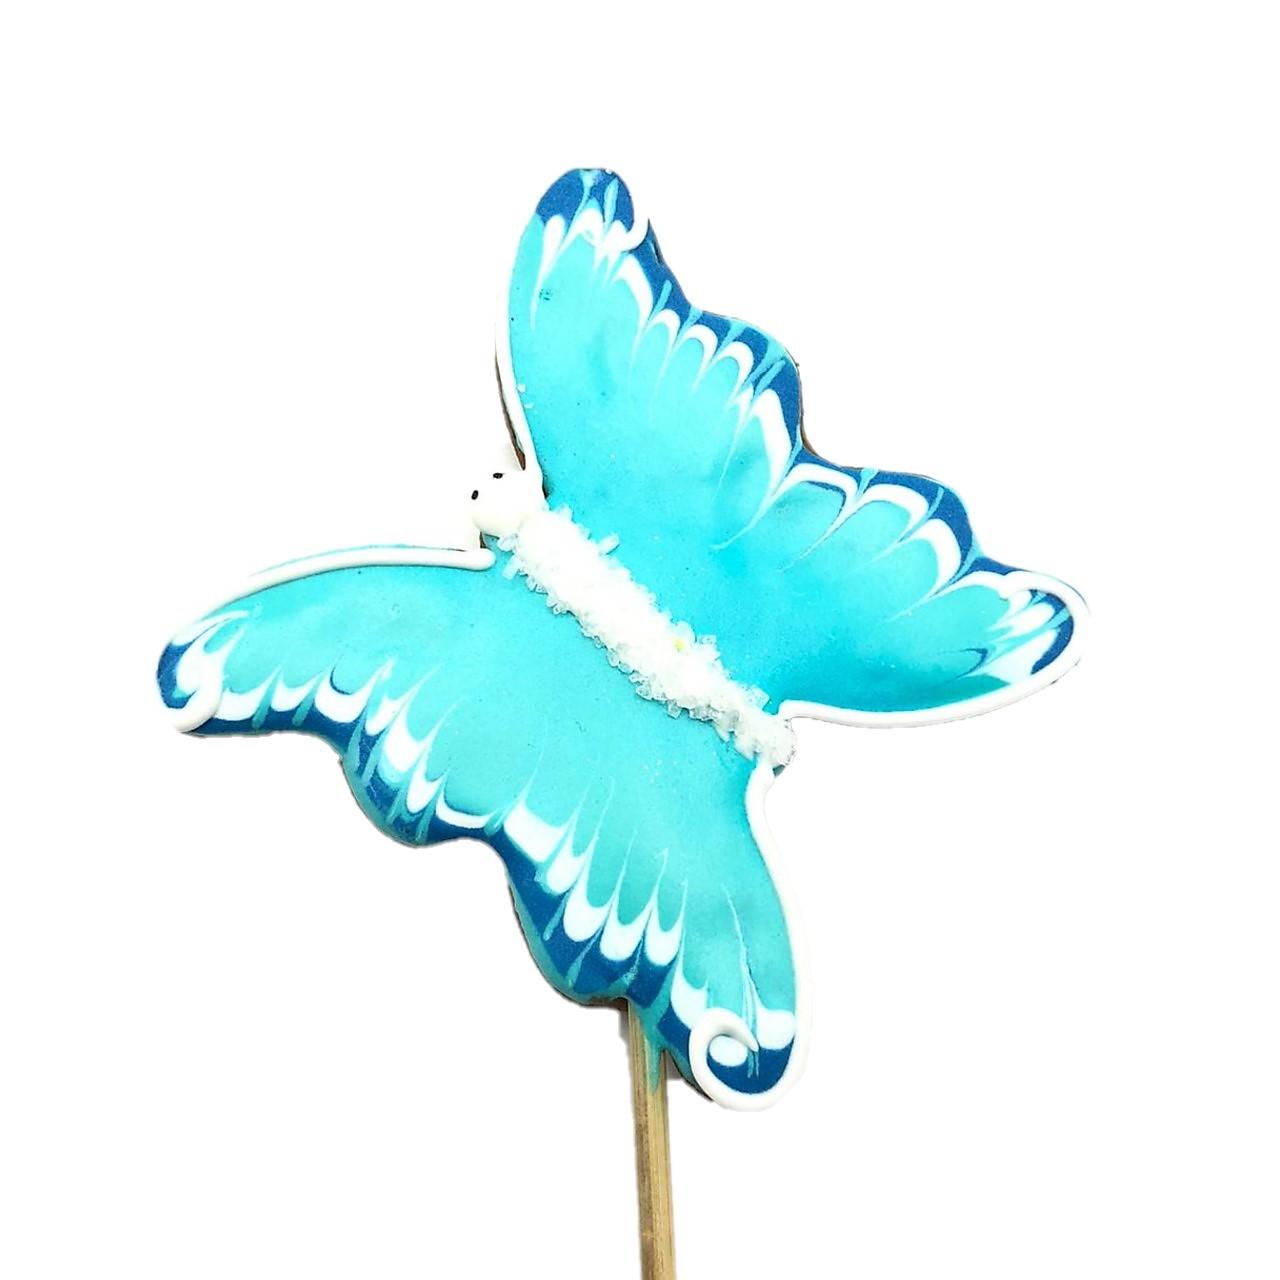 Pirulito Bolacha de Mel - Borboleta Azul